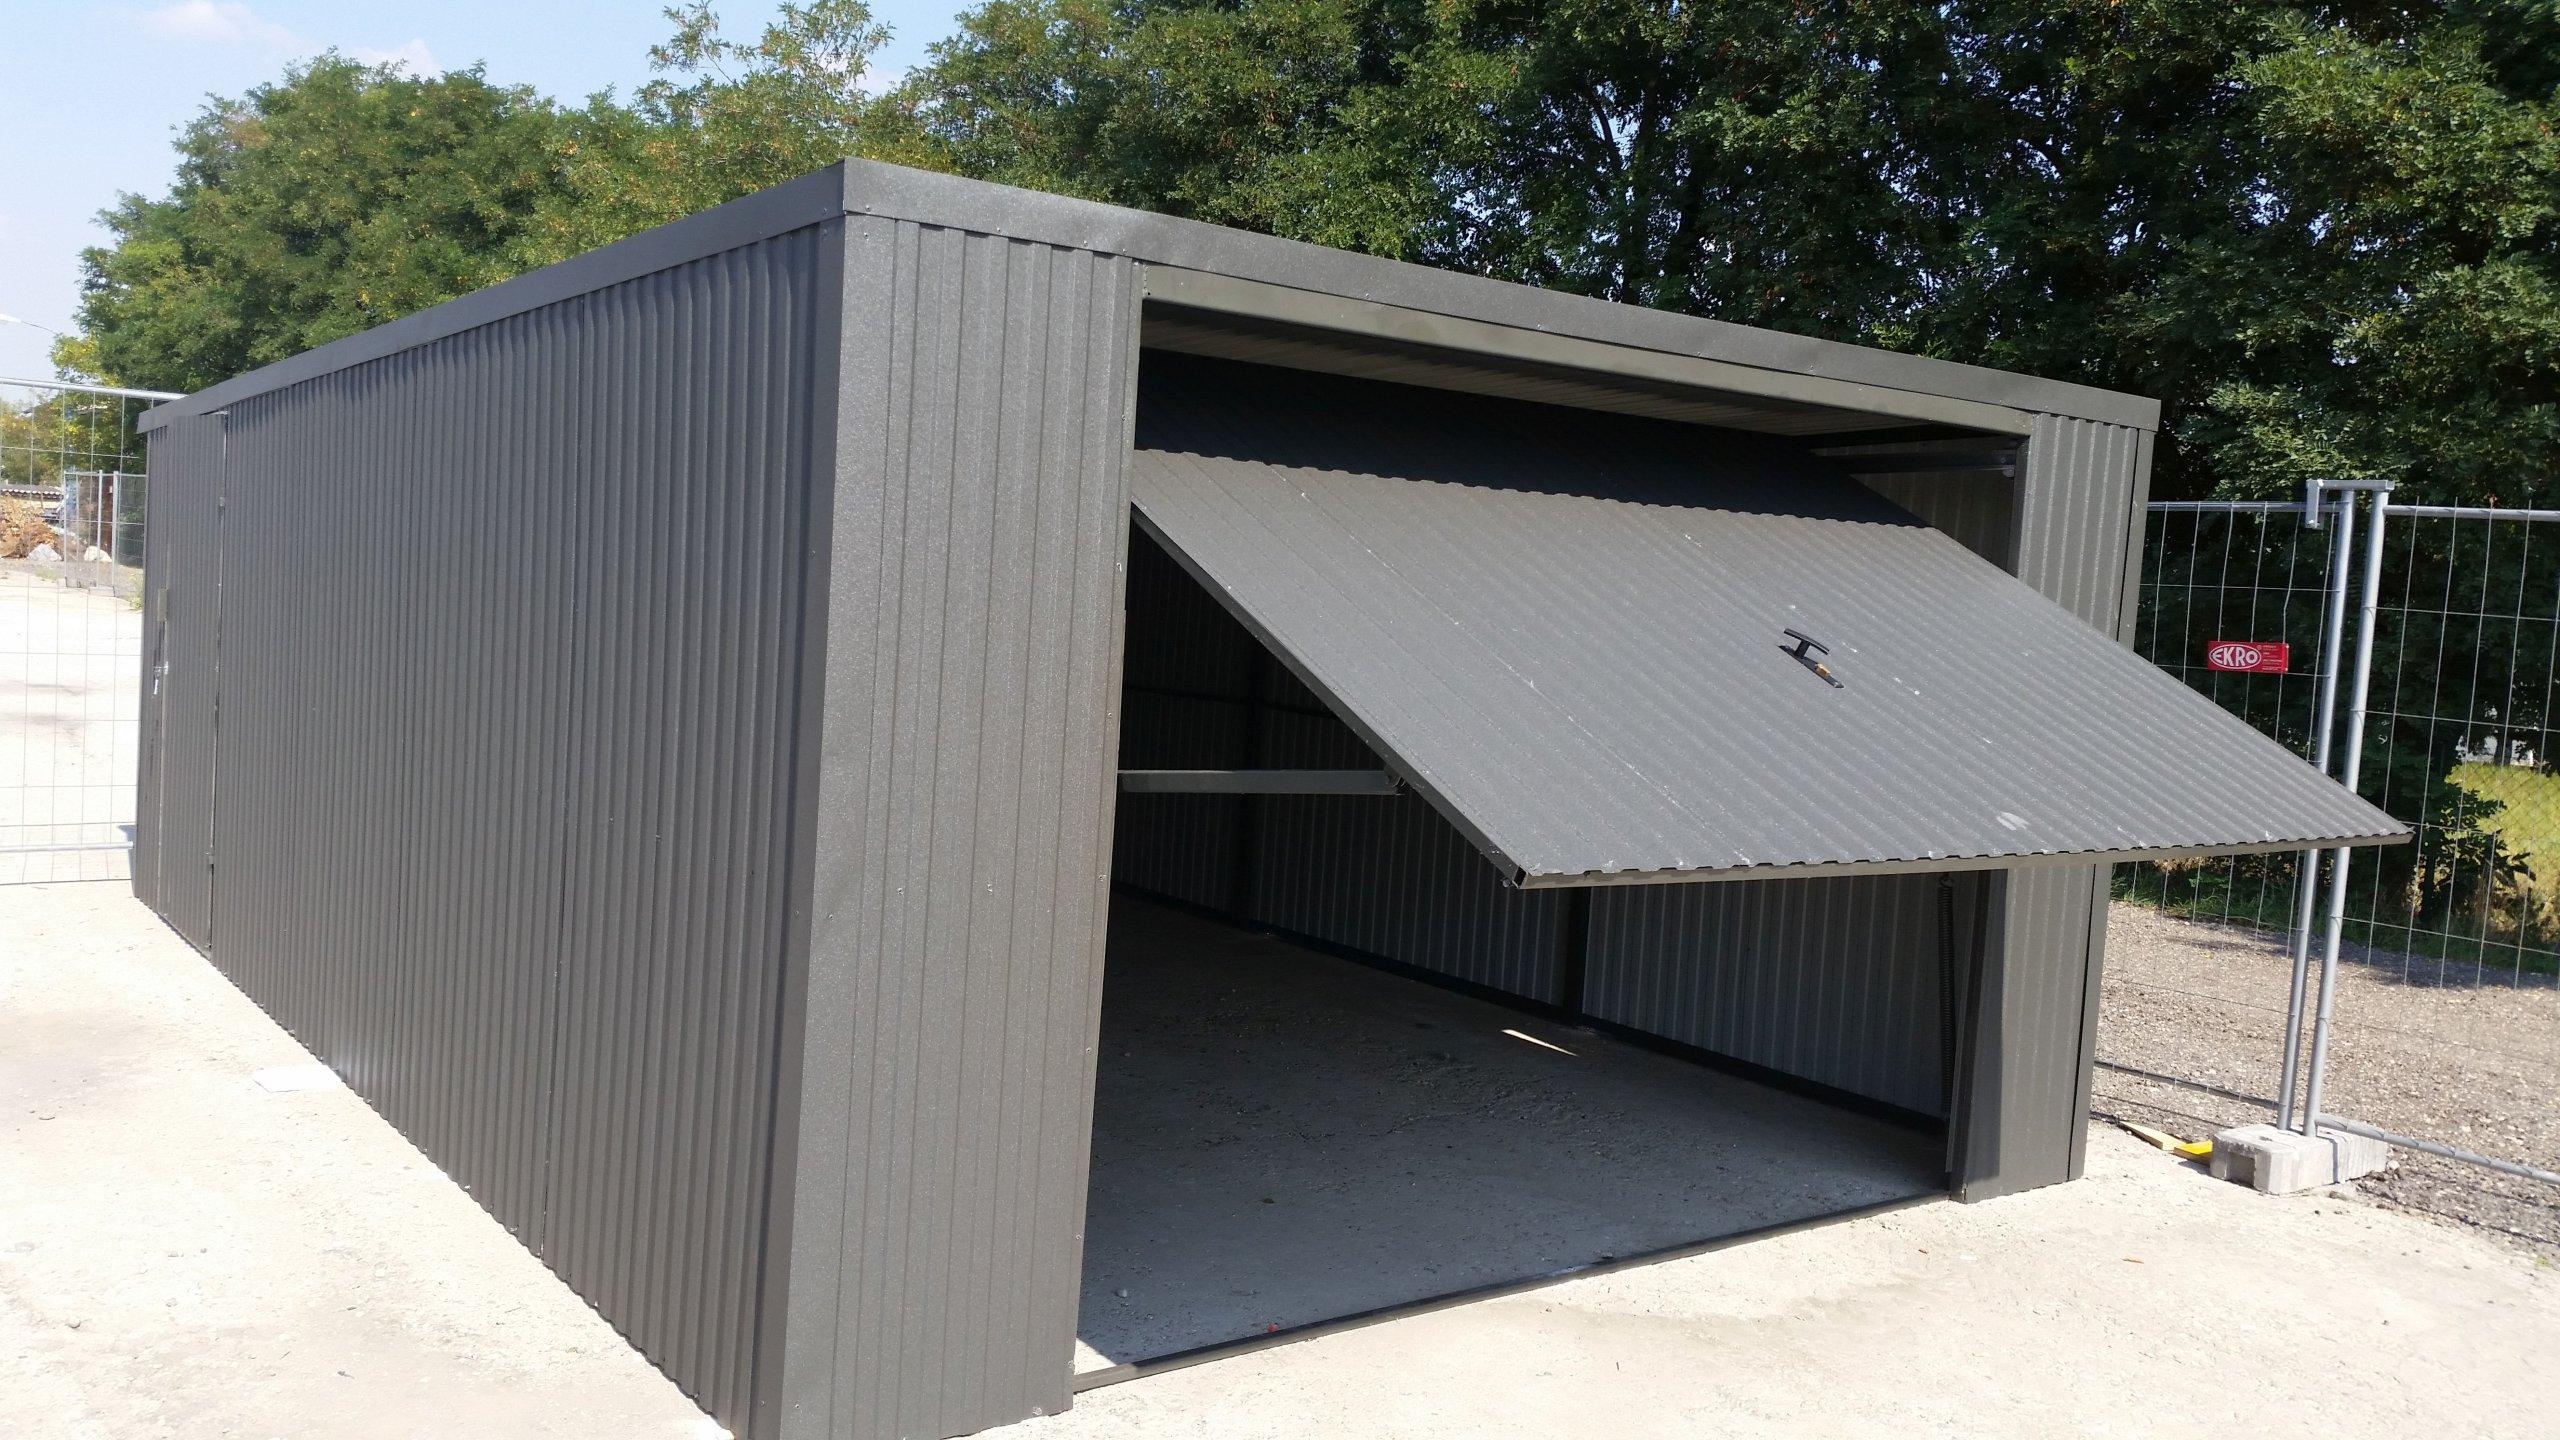 Całoroczny Garaż Blaszany Wiata Blaszak 5x6 6855988091